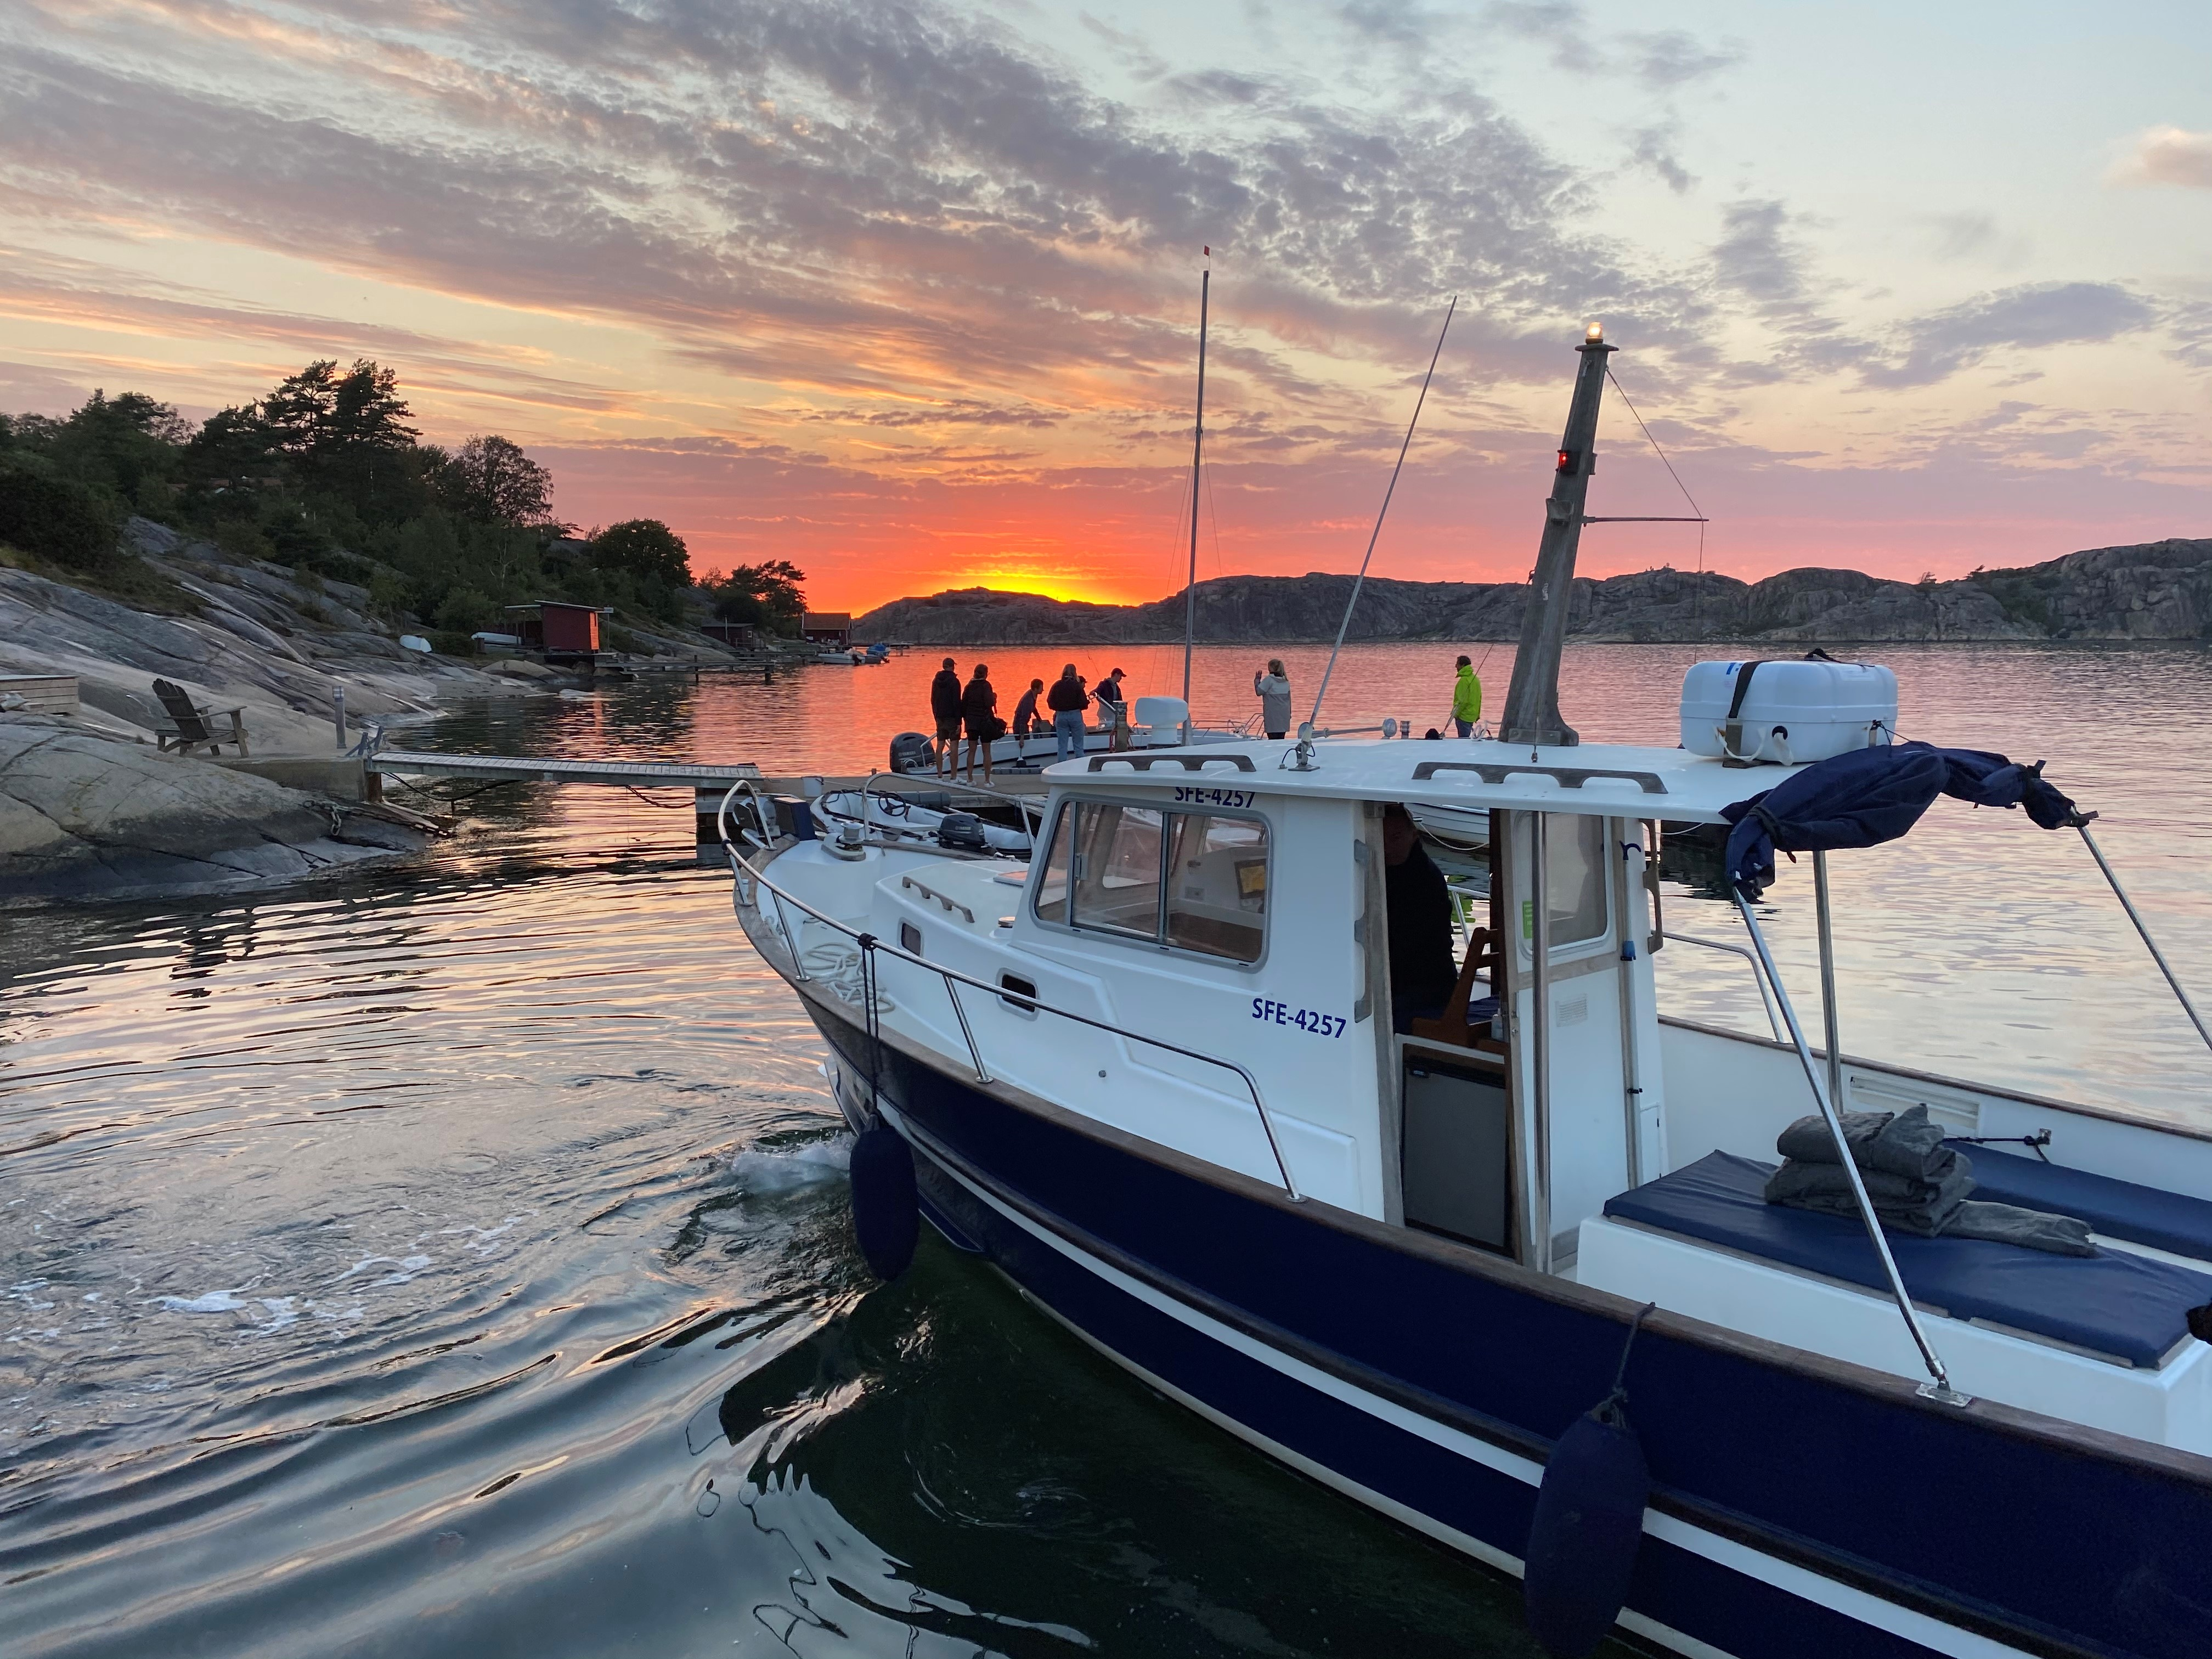 Chartrad båttur i Fjällbacka, båttaxi, krogtaxi